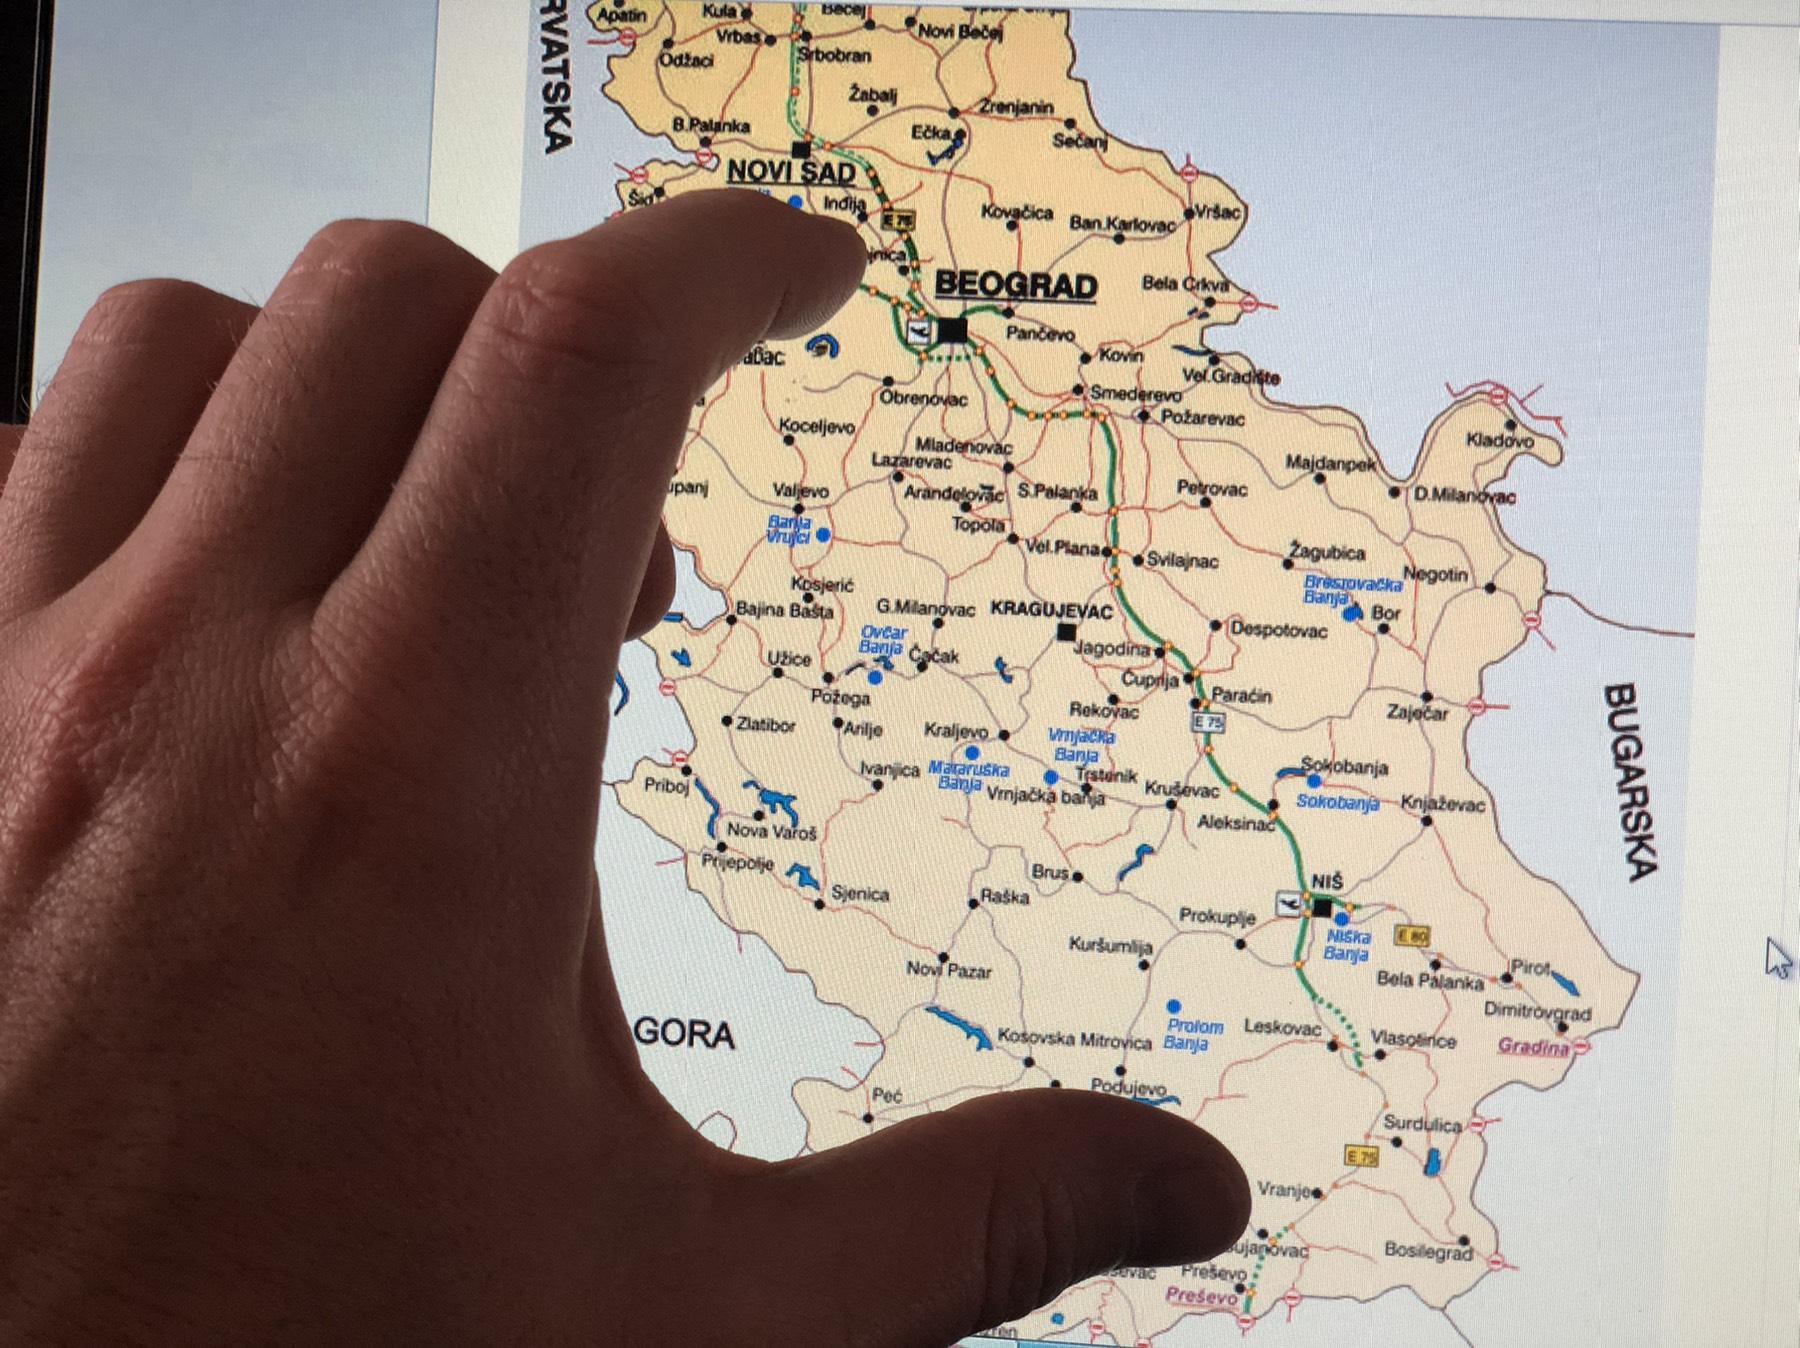 Мапа Србије, фото илустрација, М.М.